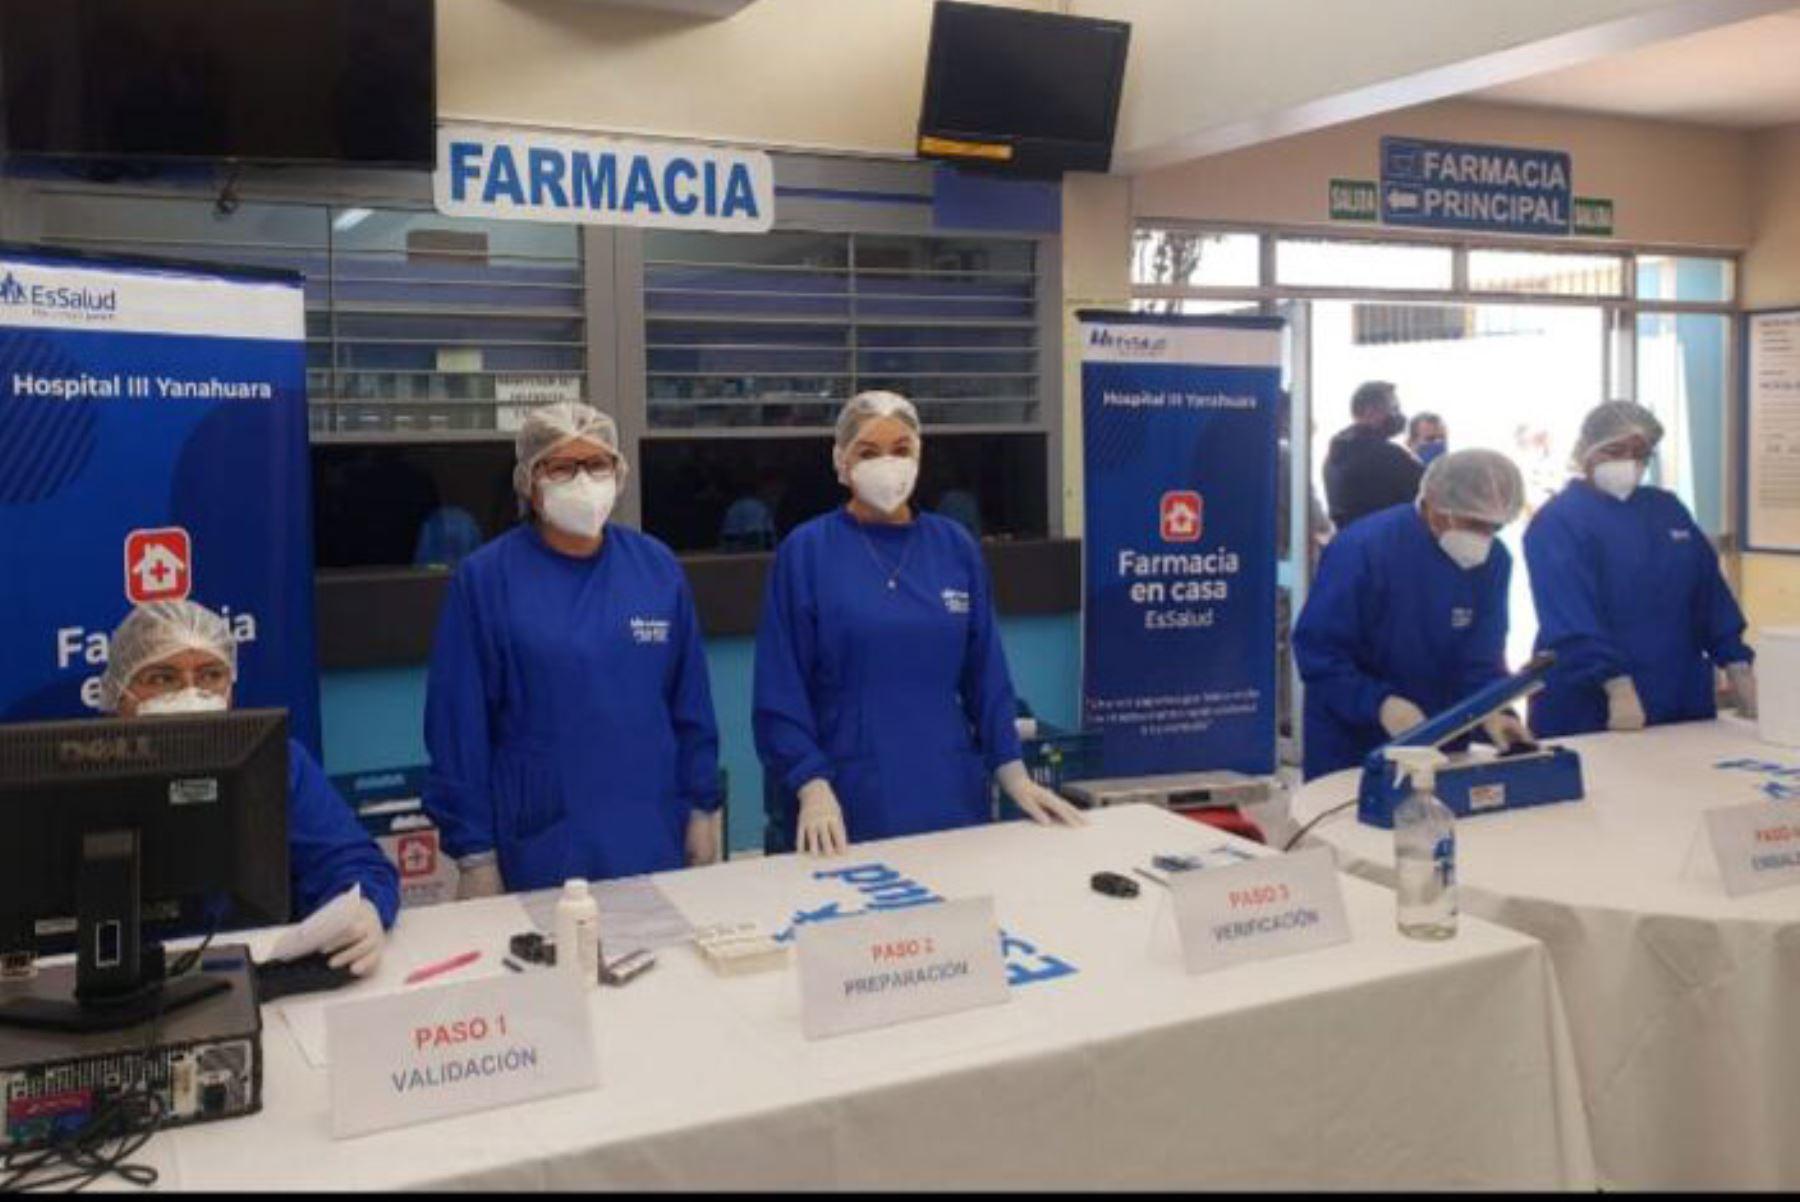 Personal de EsSalud Arequipa tendrá a su cargo la entrega de medicamentos a domicilio a pacientes con enfermedades crónicas.